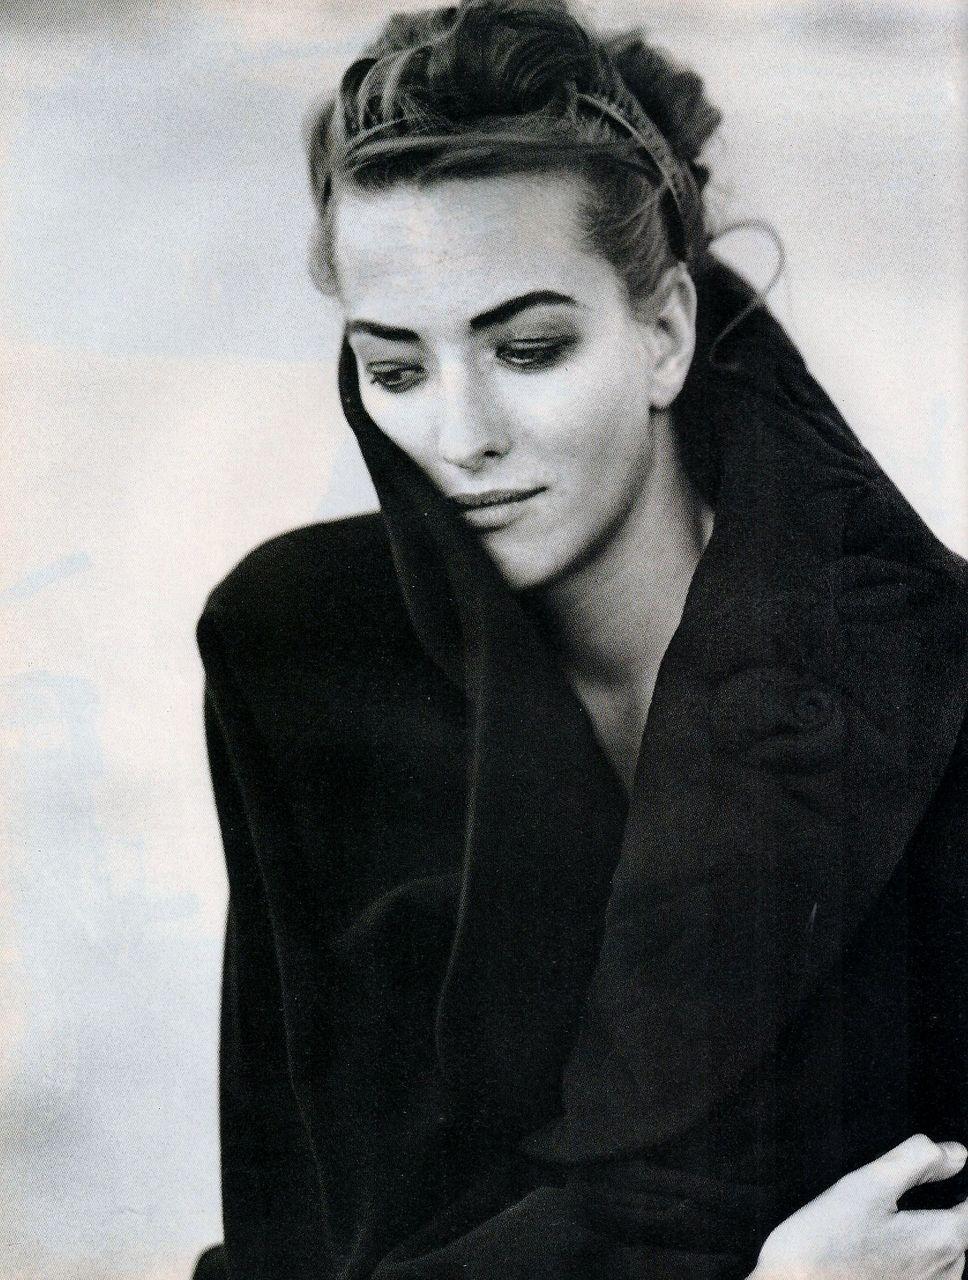 Tatjana Patitz 1990